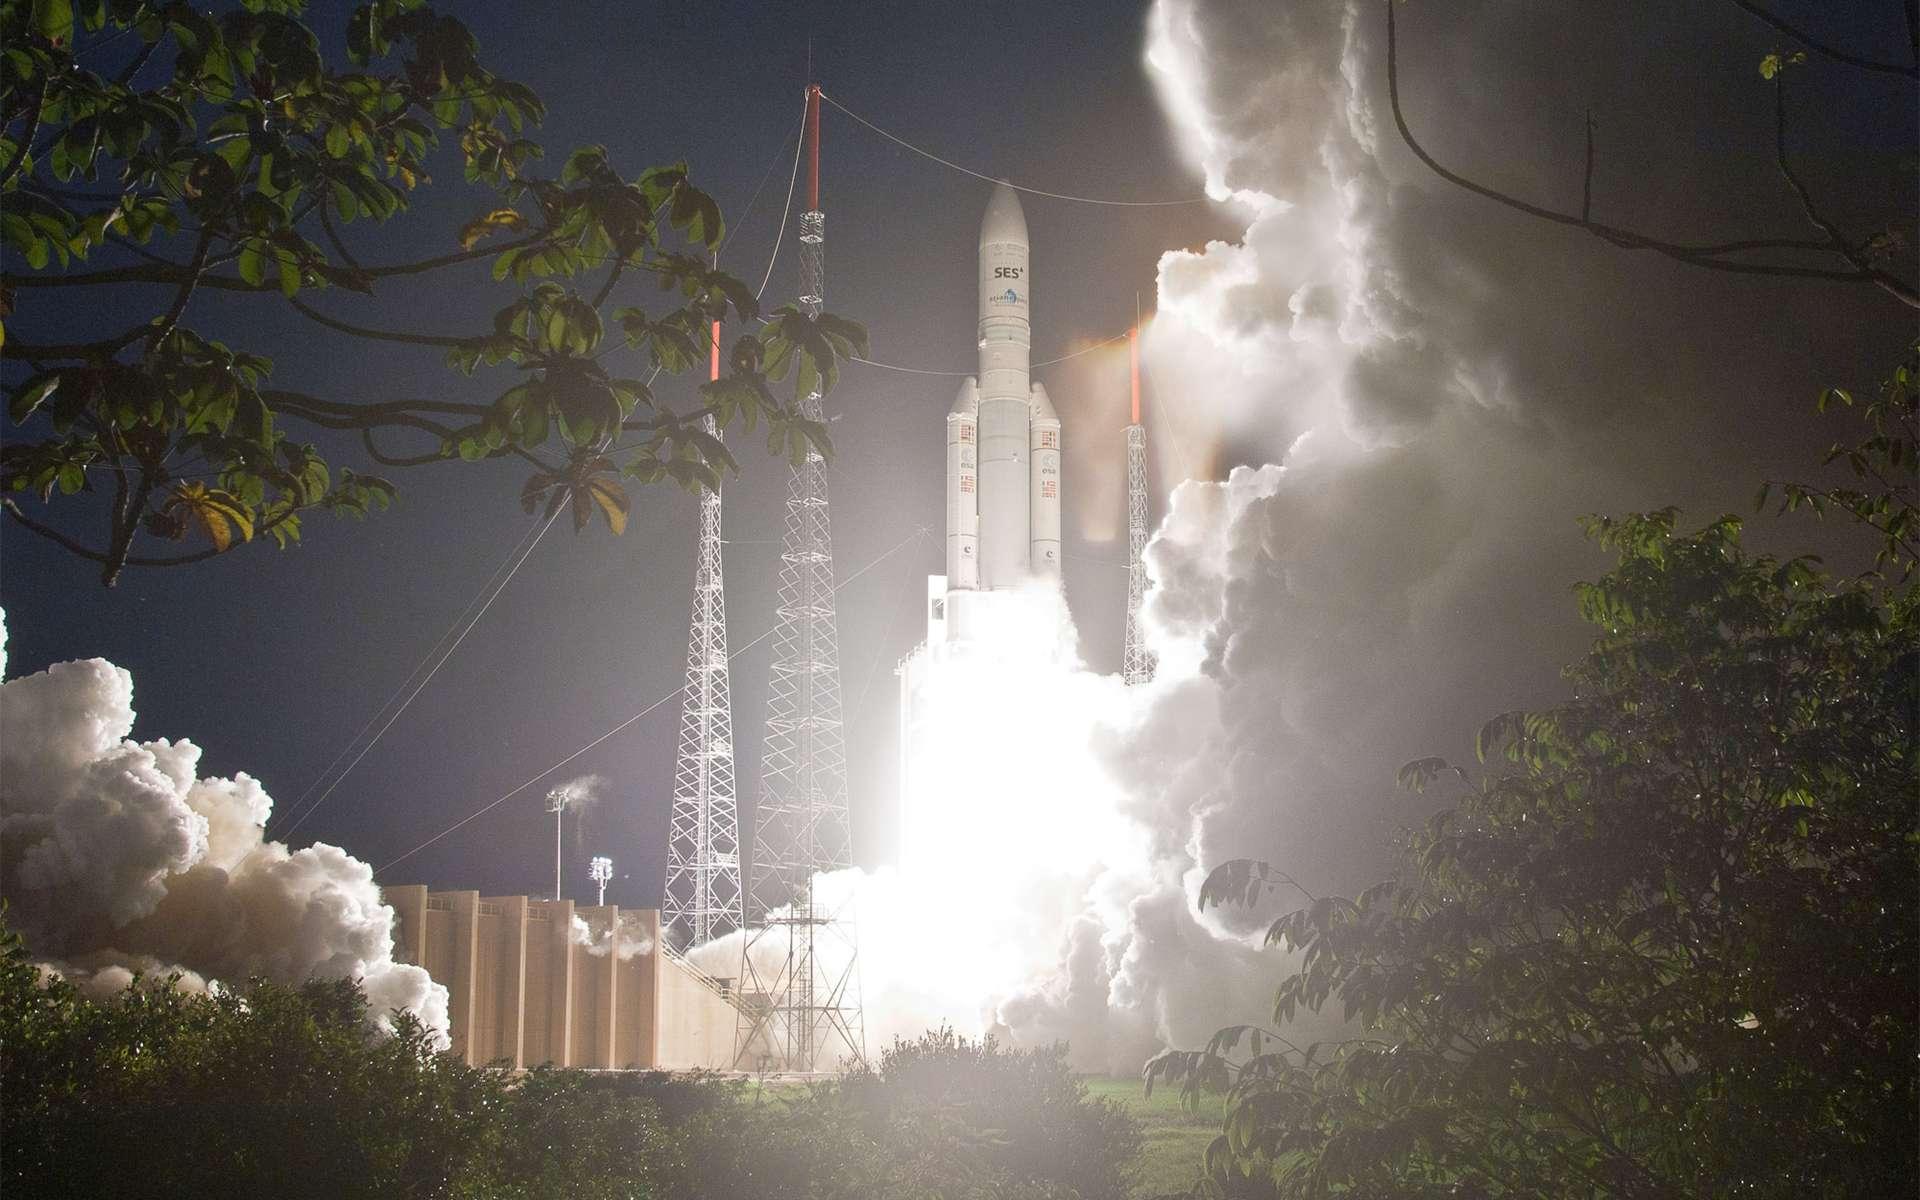 Propulsé par son moteur principal cryotechnique Vulcain et ses deux boosters à propergol solide d'appoint, le lanceur Ariane 5 a décollé pour la soixantième fois avec succès (tir V204, septembre 2011). © Esa/Cnes/Arianespace/Photo Optique vidéo du CSG